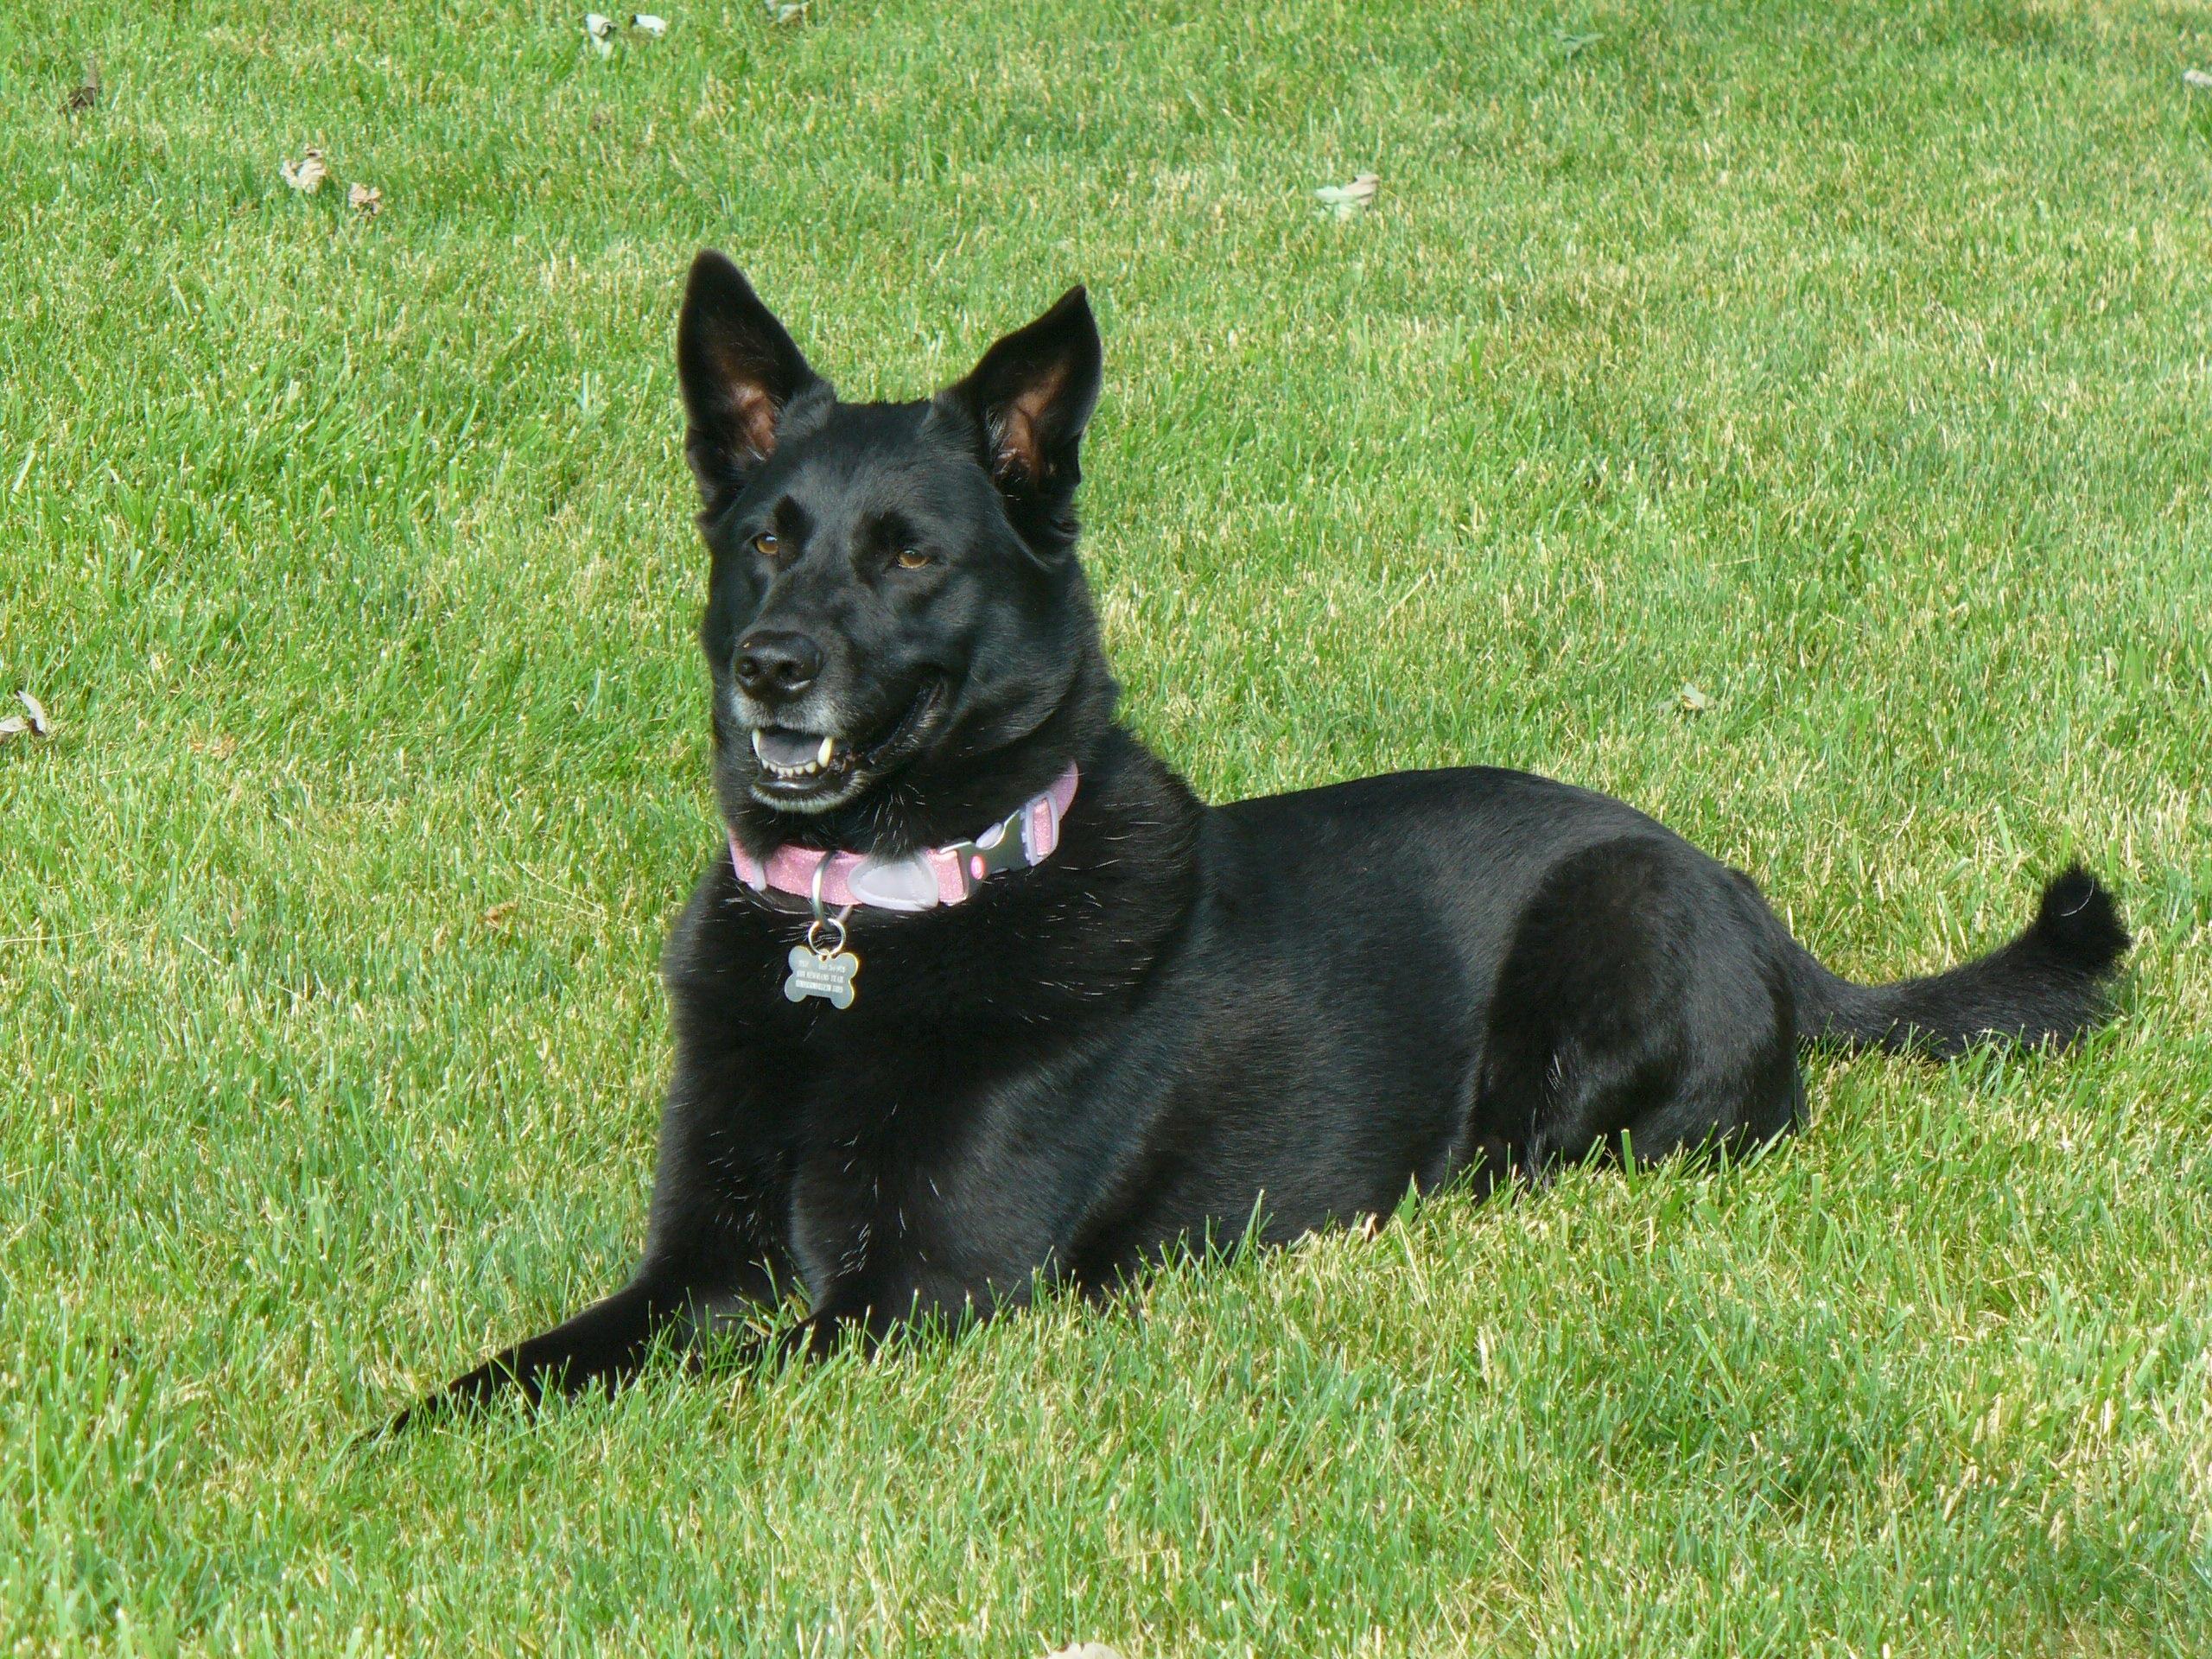 gratis billeder dyr hunde k ledyr sort hund lykkelig. Black Bedroom Furniture Sets. Home Design Ideas